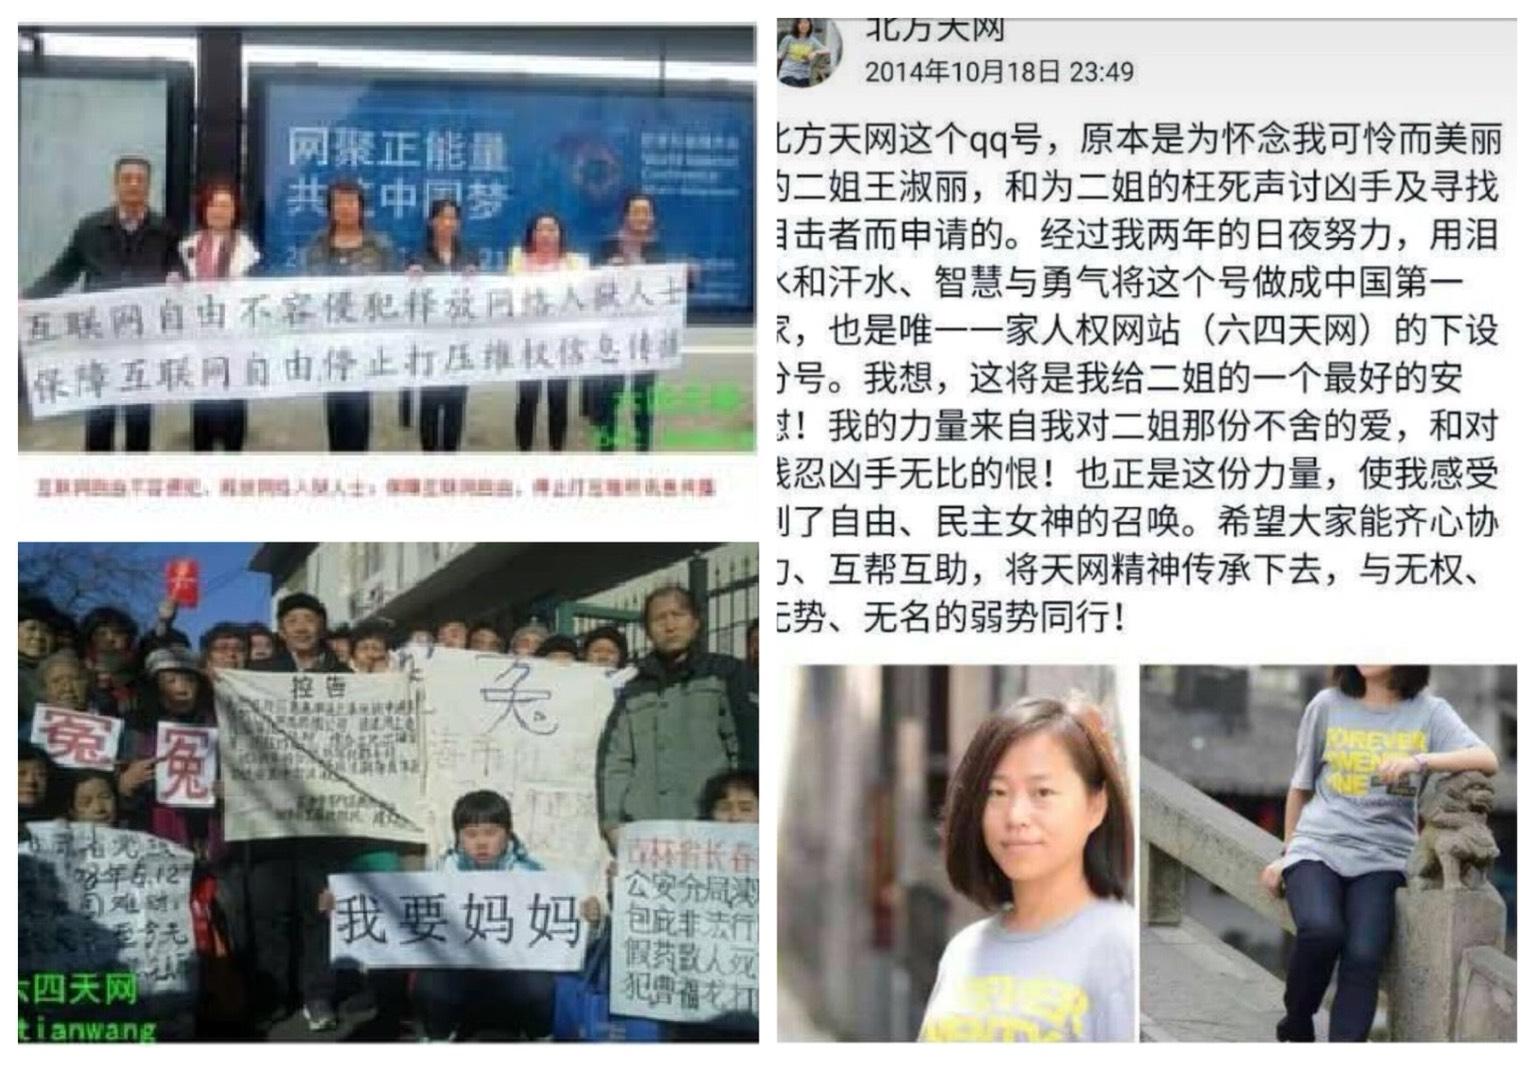 前「六四天網」公民記者王晶,2014年因報道訪民維權活動入獄近5年。出獄半年後她寫出在監獄受到的迫害和見證醫院如何草菅人命。(大紀元合成/受訪者提供)